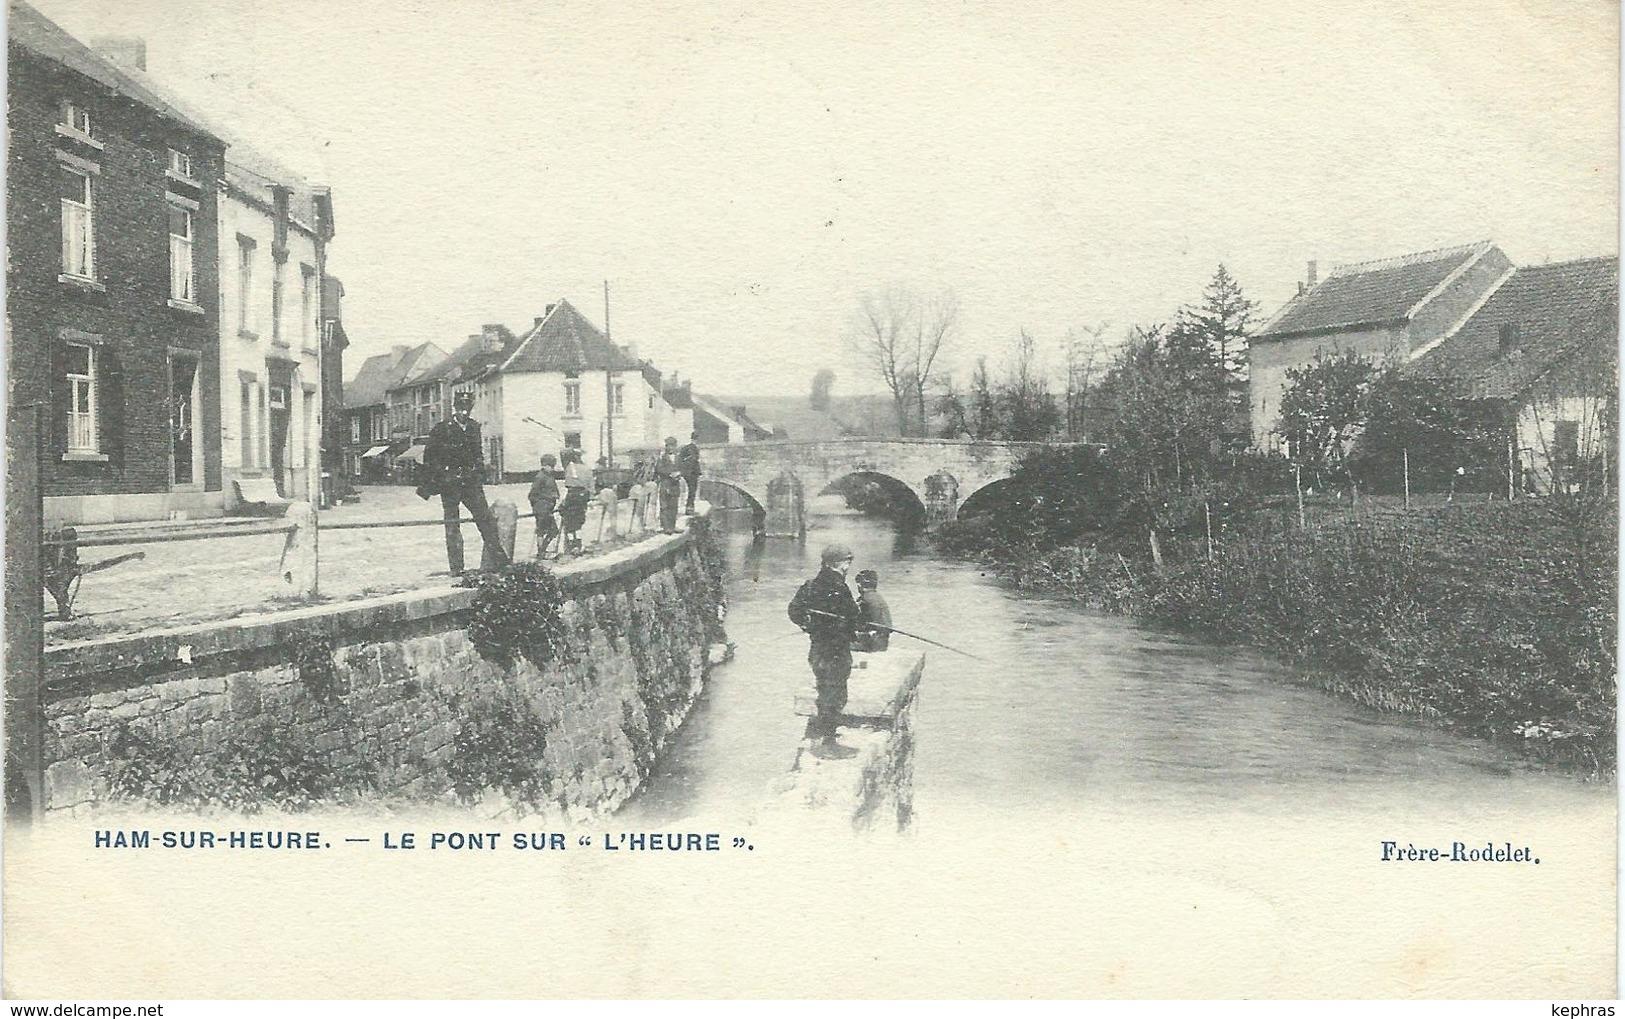 HAM-SUR-HEURE : Le Pont Sur L'Heure - TRES RARE VARIANTE - Cachet De La Poste 1906 - Ham-sur-Heure-Nalinnes